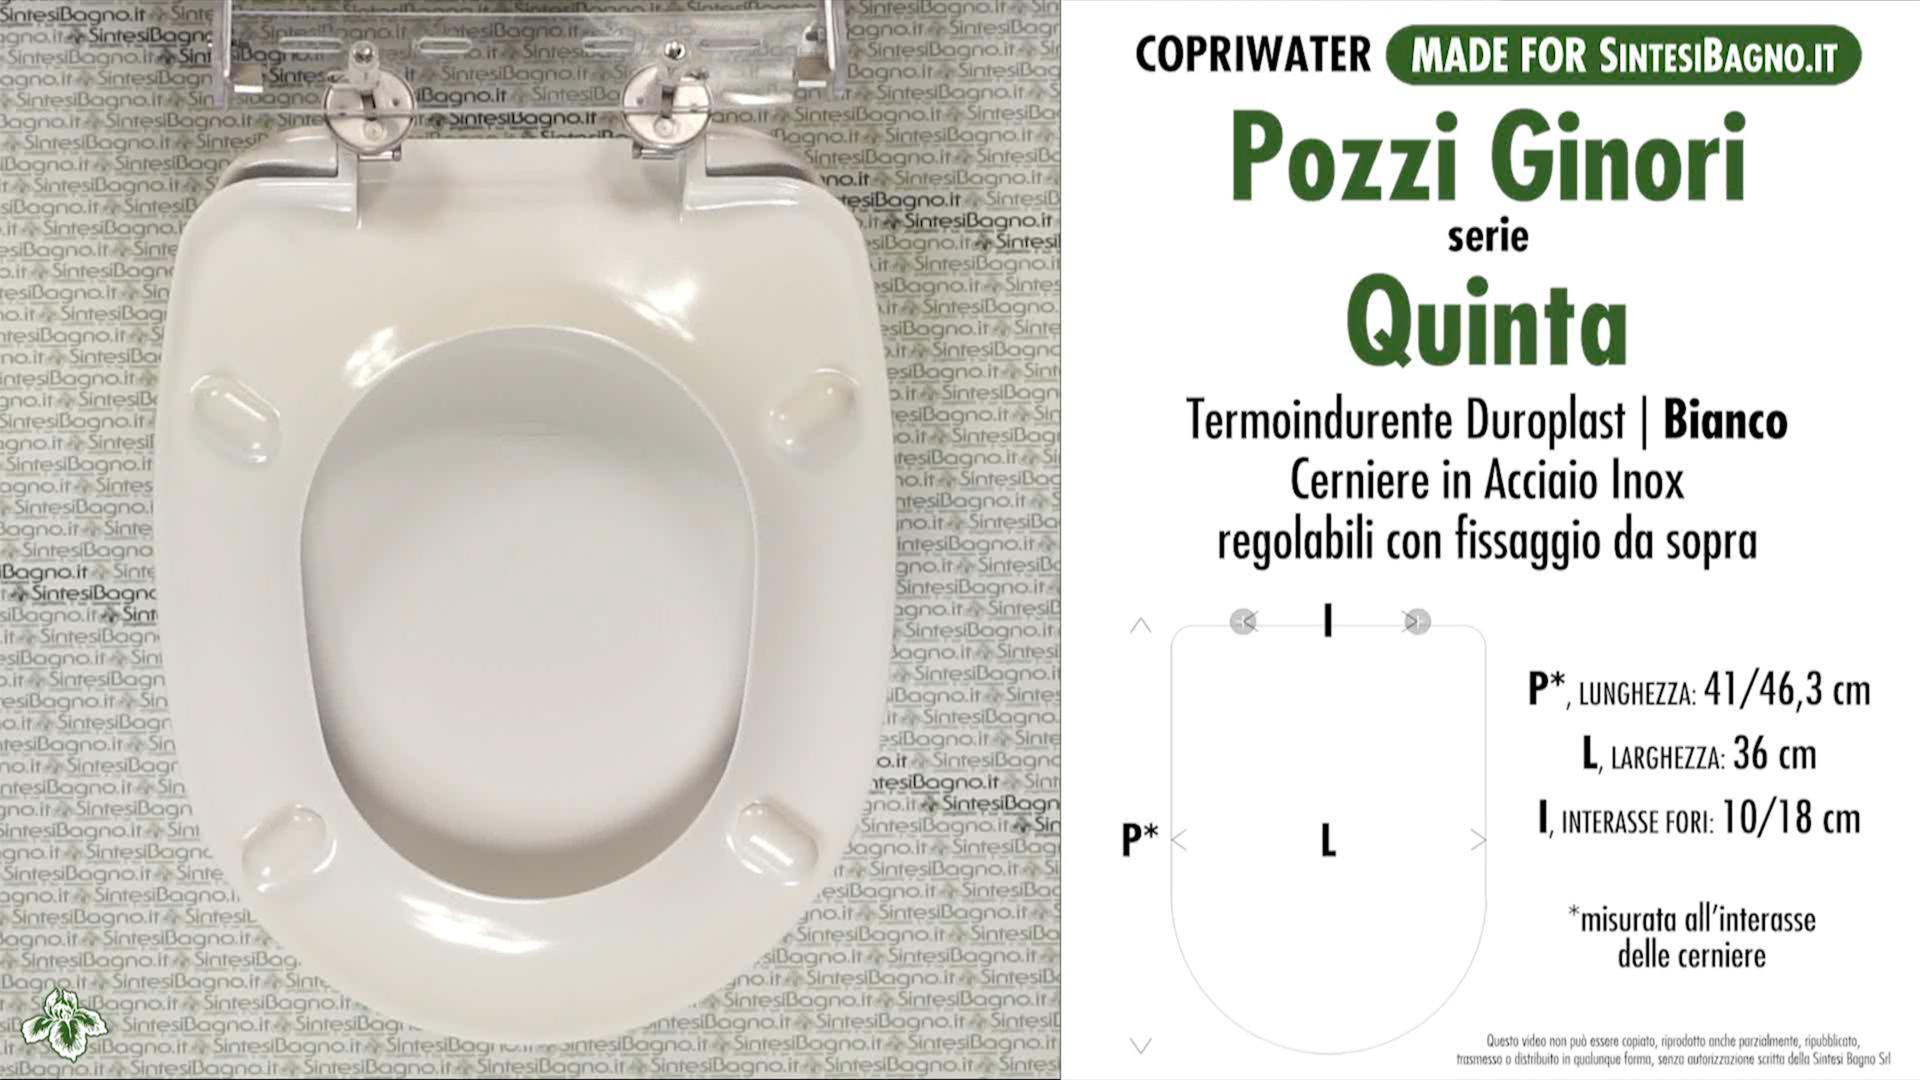 SCHEDA TECNICA MISURE copriwater POZZI GINORI QUINTA